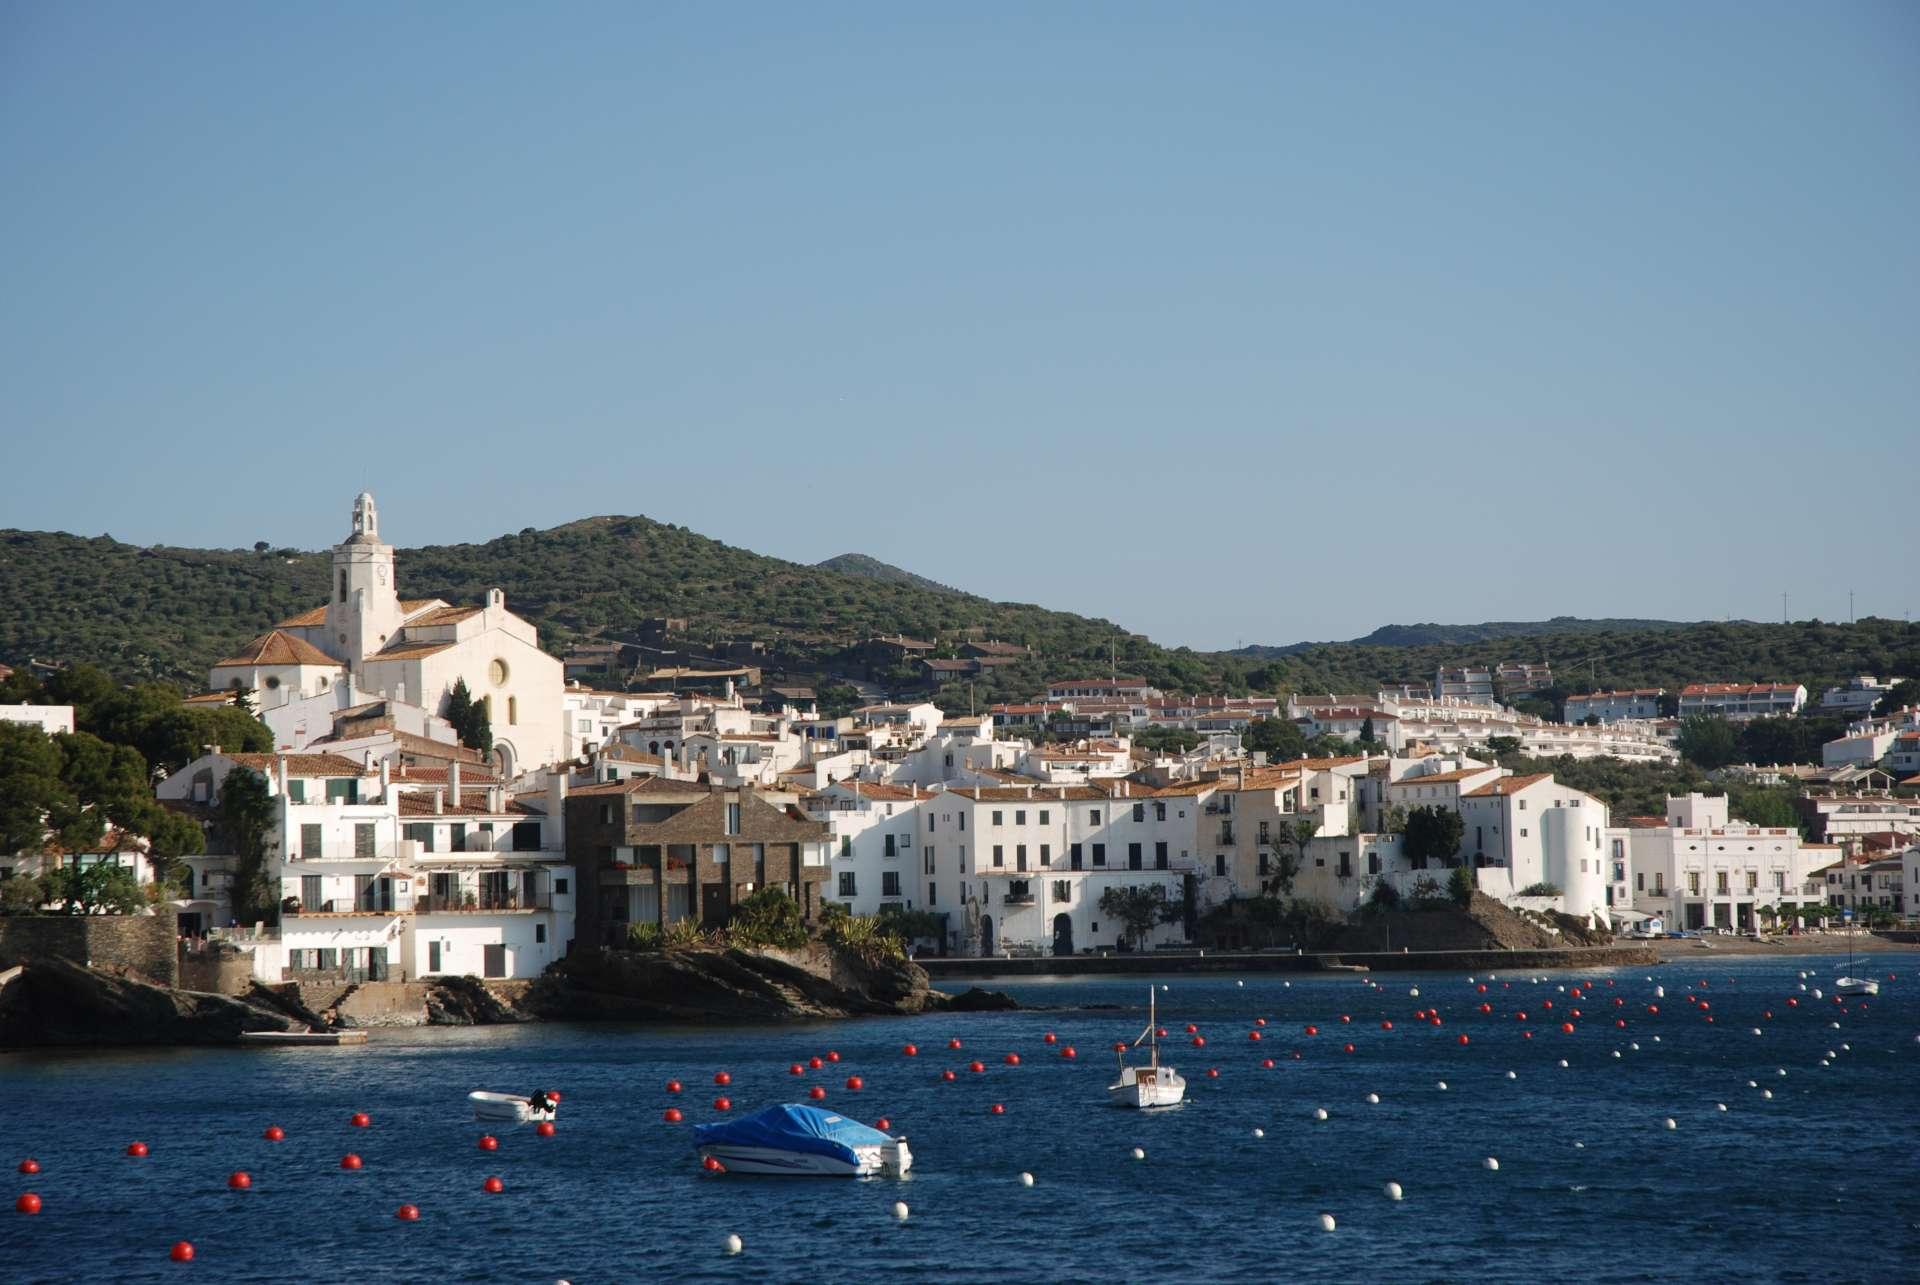 Espagne - Costa Brava - Cadaquès ! Toute autre légende serait superfétatoire.